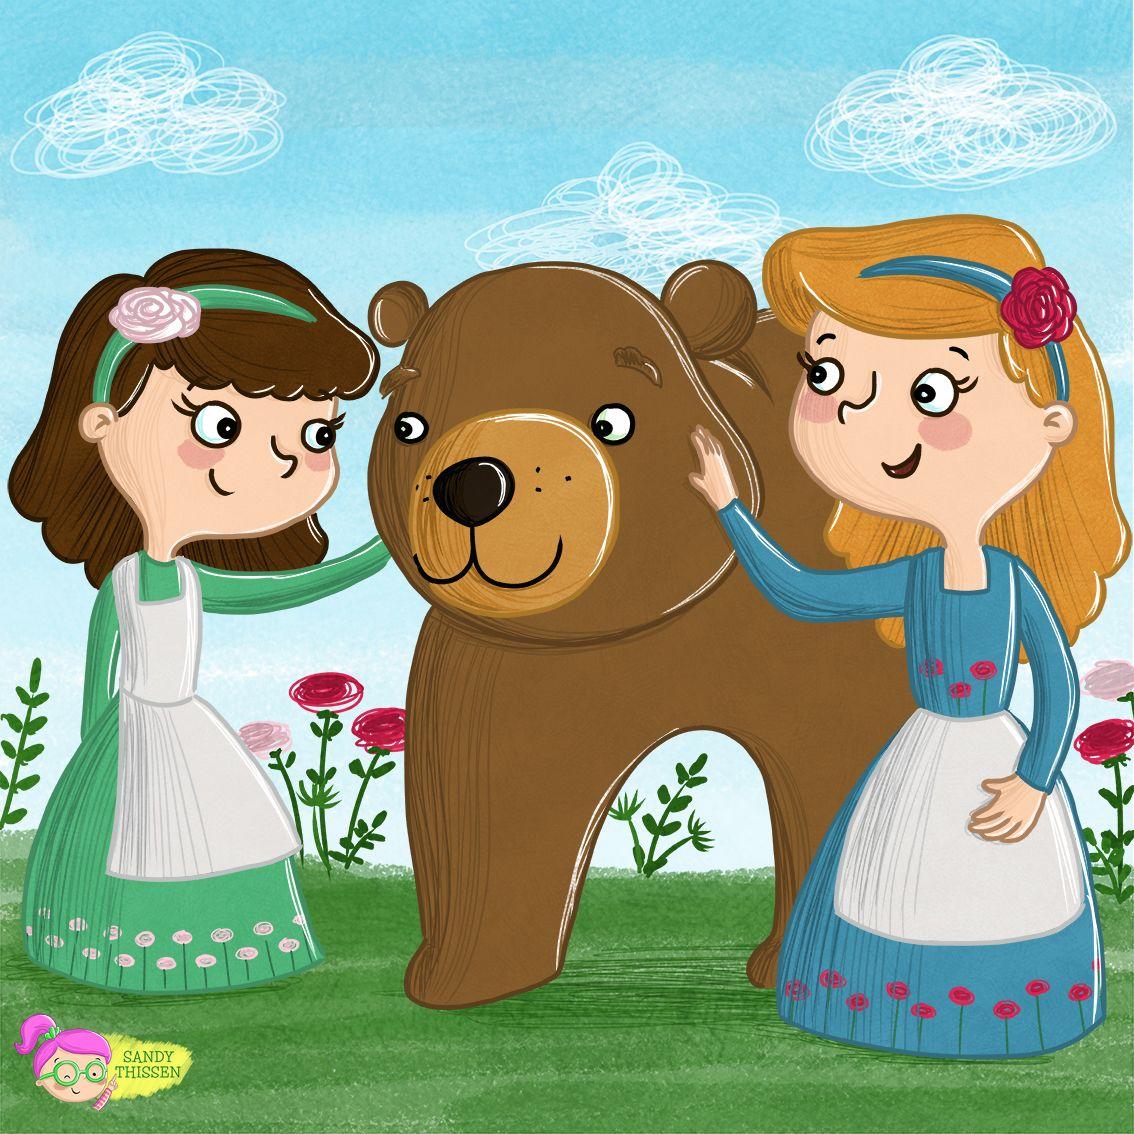 Schneeweißchen und Rosenrot mit Bär, Märchen Illustration